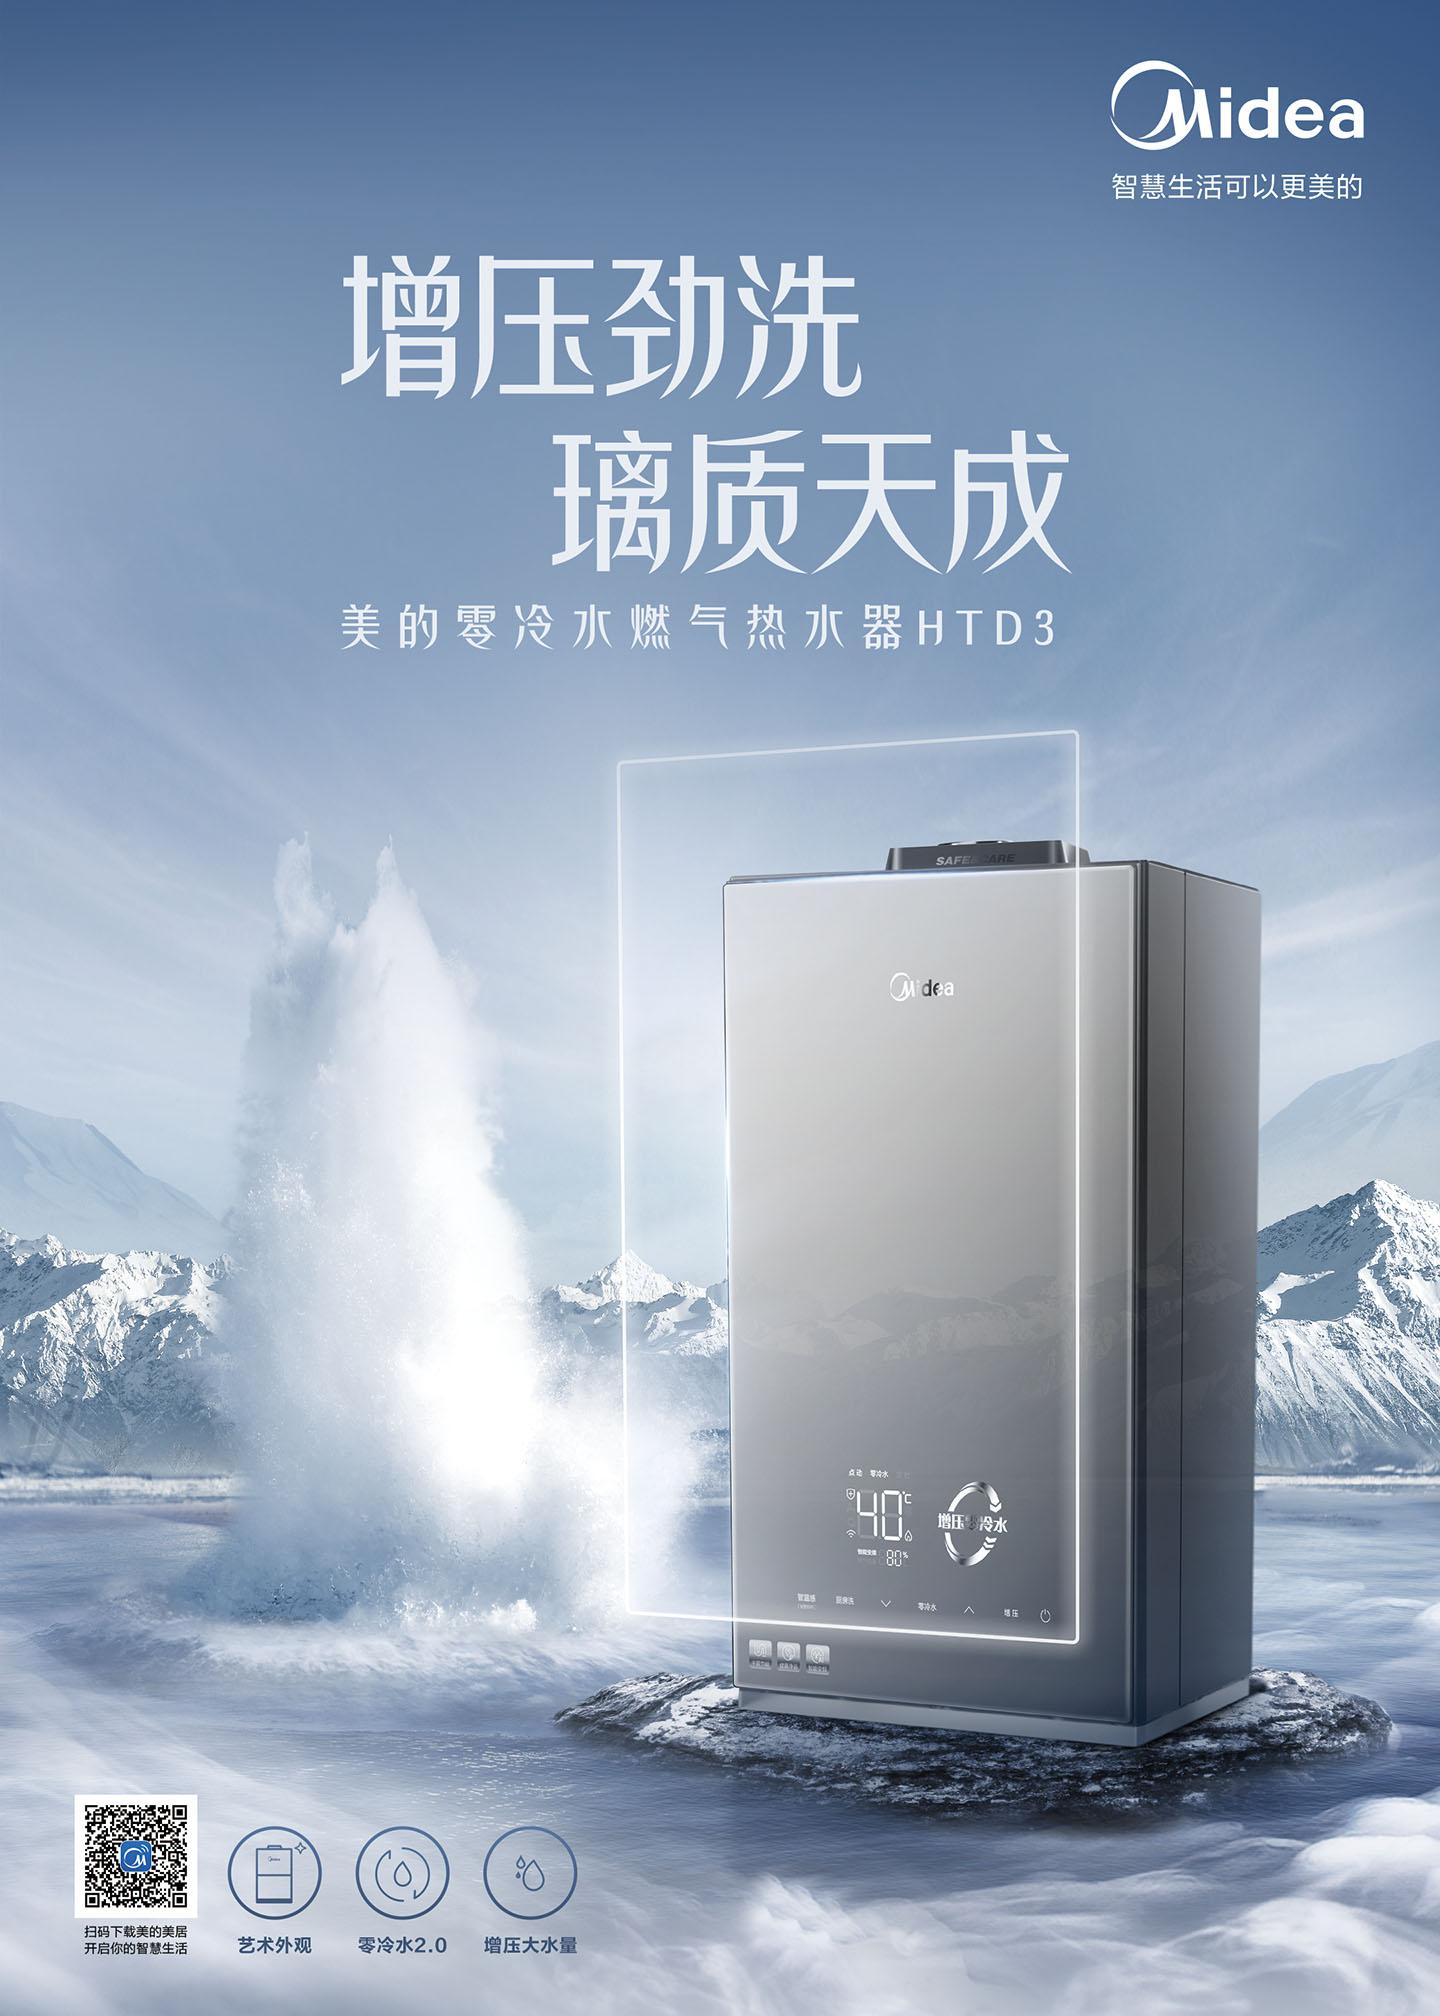 充沛热水即开即来 美的零冷水燃气热水器HTD3智享畅快沐浴好时光